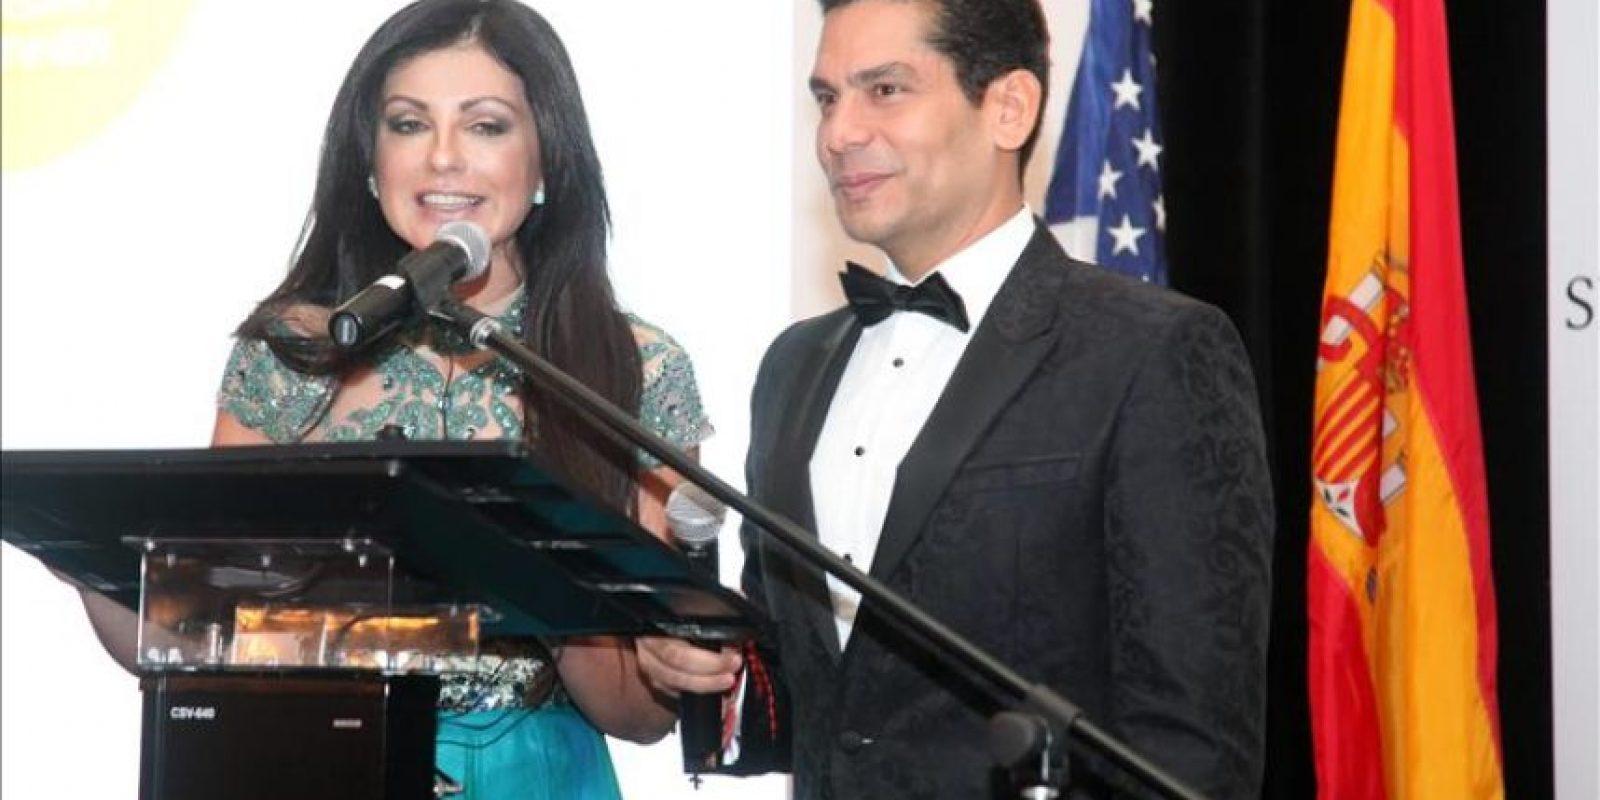 Marian De La Fuente y Ismael Cala fueron los presentadores de la trigesimo cuarta gala de la Cámara de Comercio España – EE.UU que se lleva a cabo este 13 de diciembre 2014 en Coral Gables, Florida. EFE